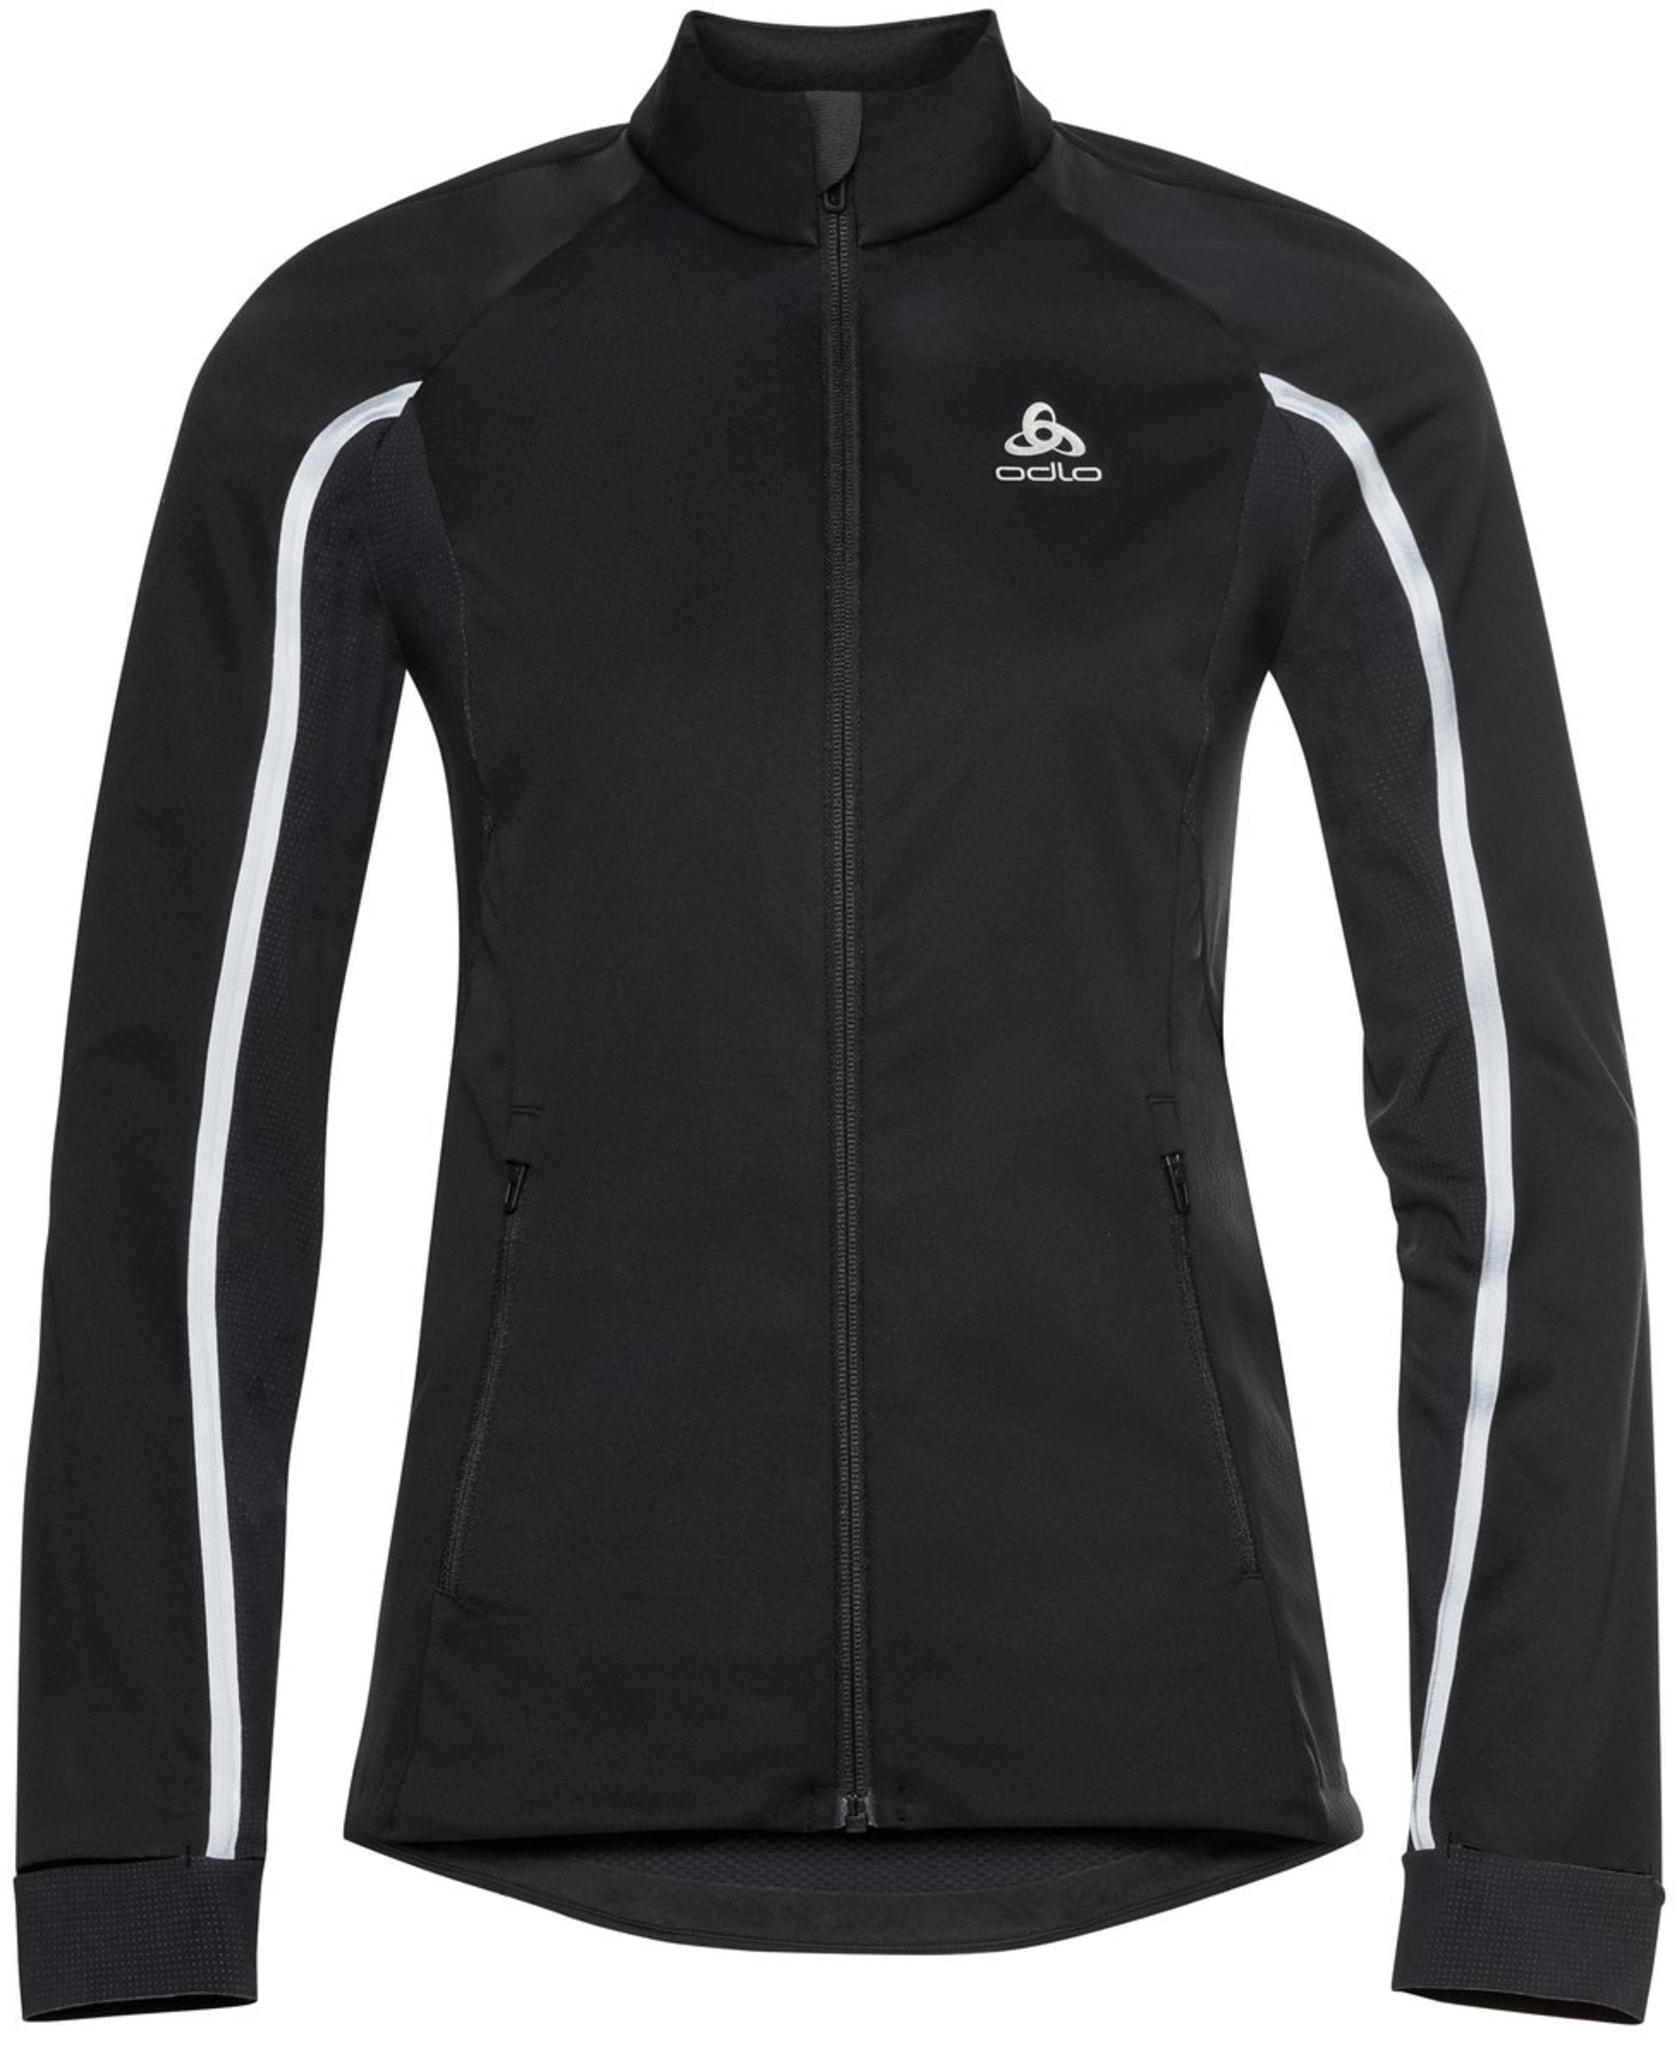 Aeolus Pro Jacket W